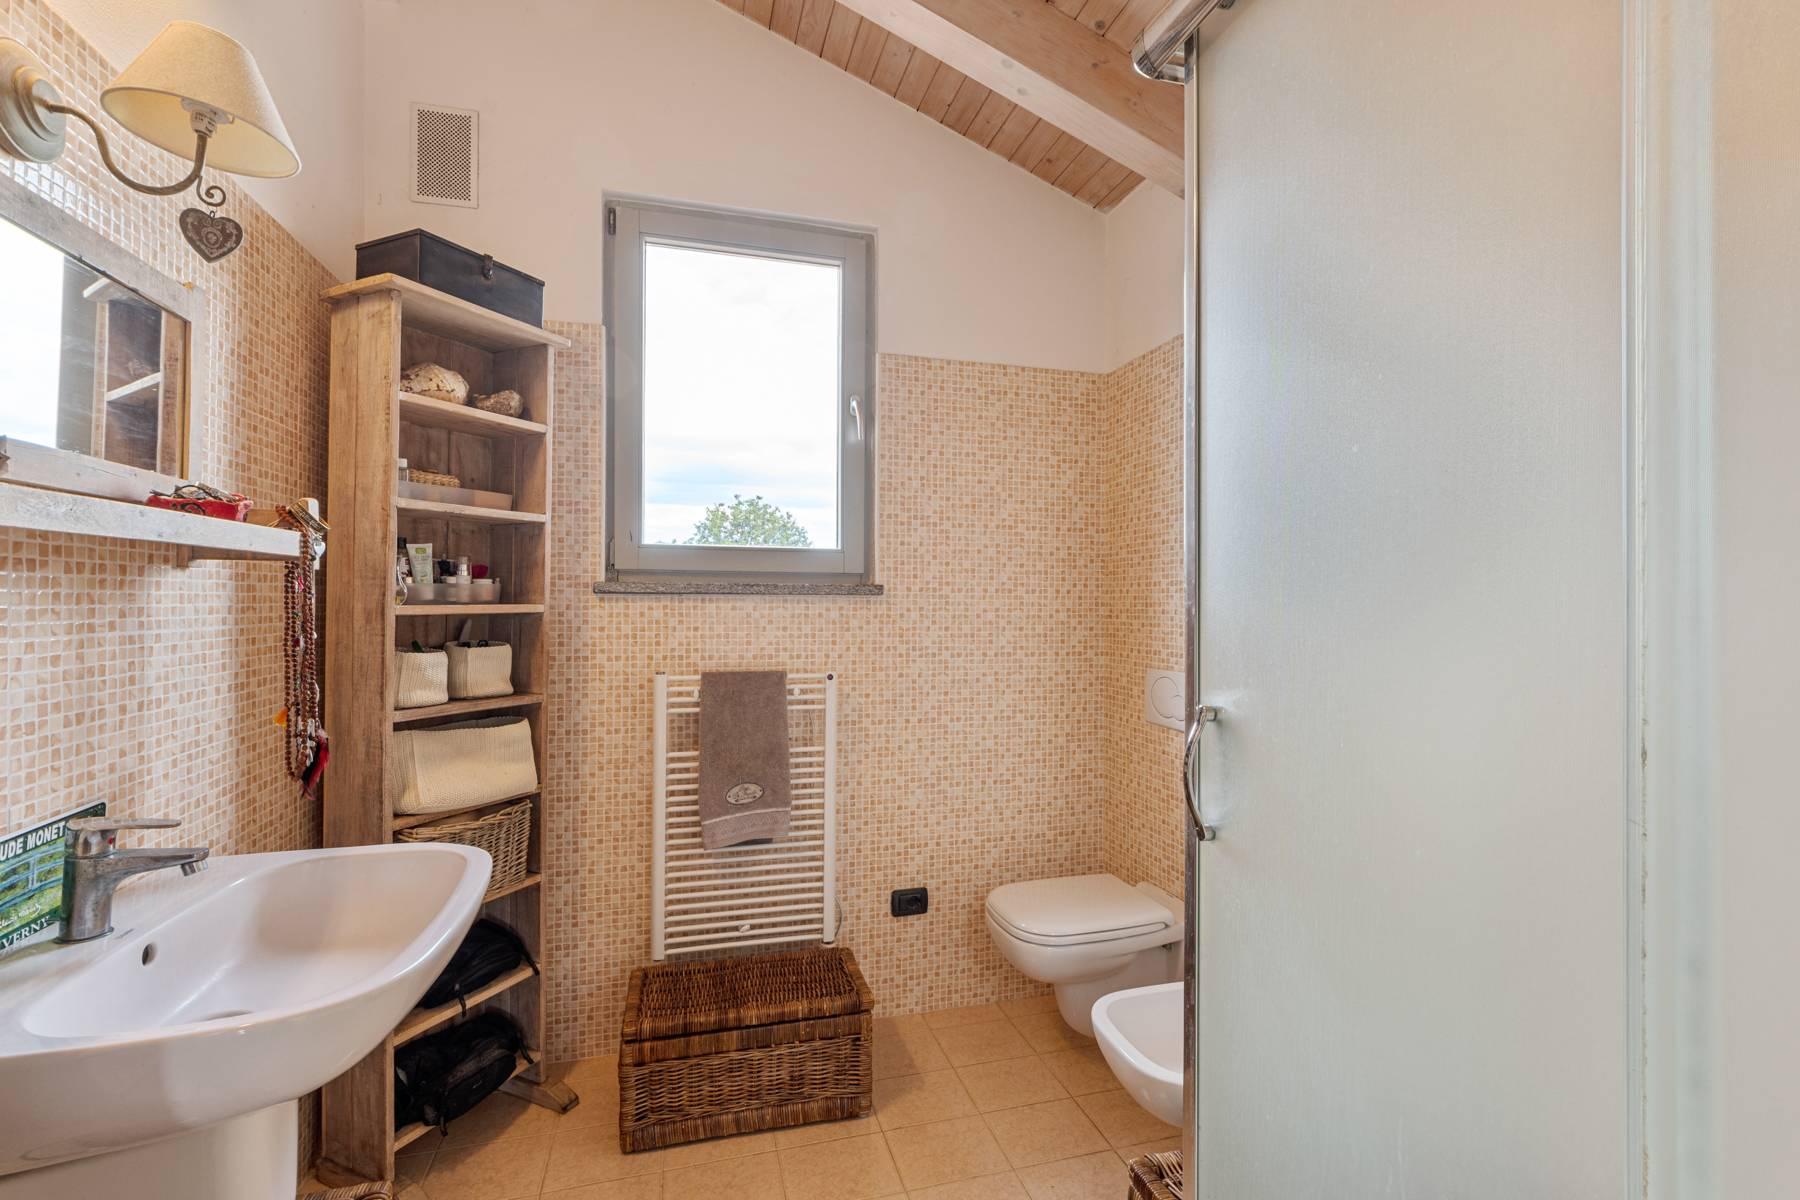 Attico in Vendita a Borgo Ticino: 5 locali, 160 mq - Foto 19